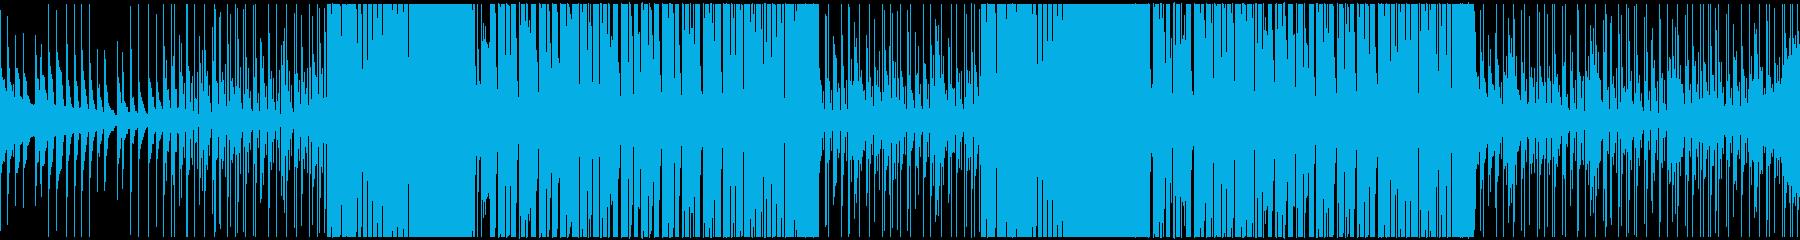 トロピカルハウス系の曲です。の再生済みの波形